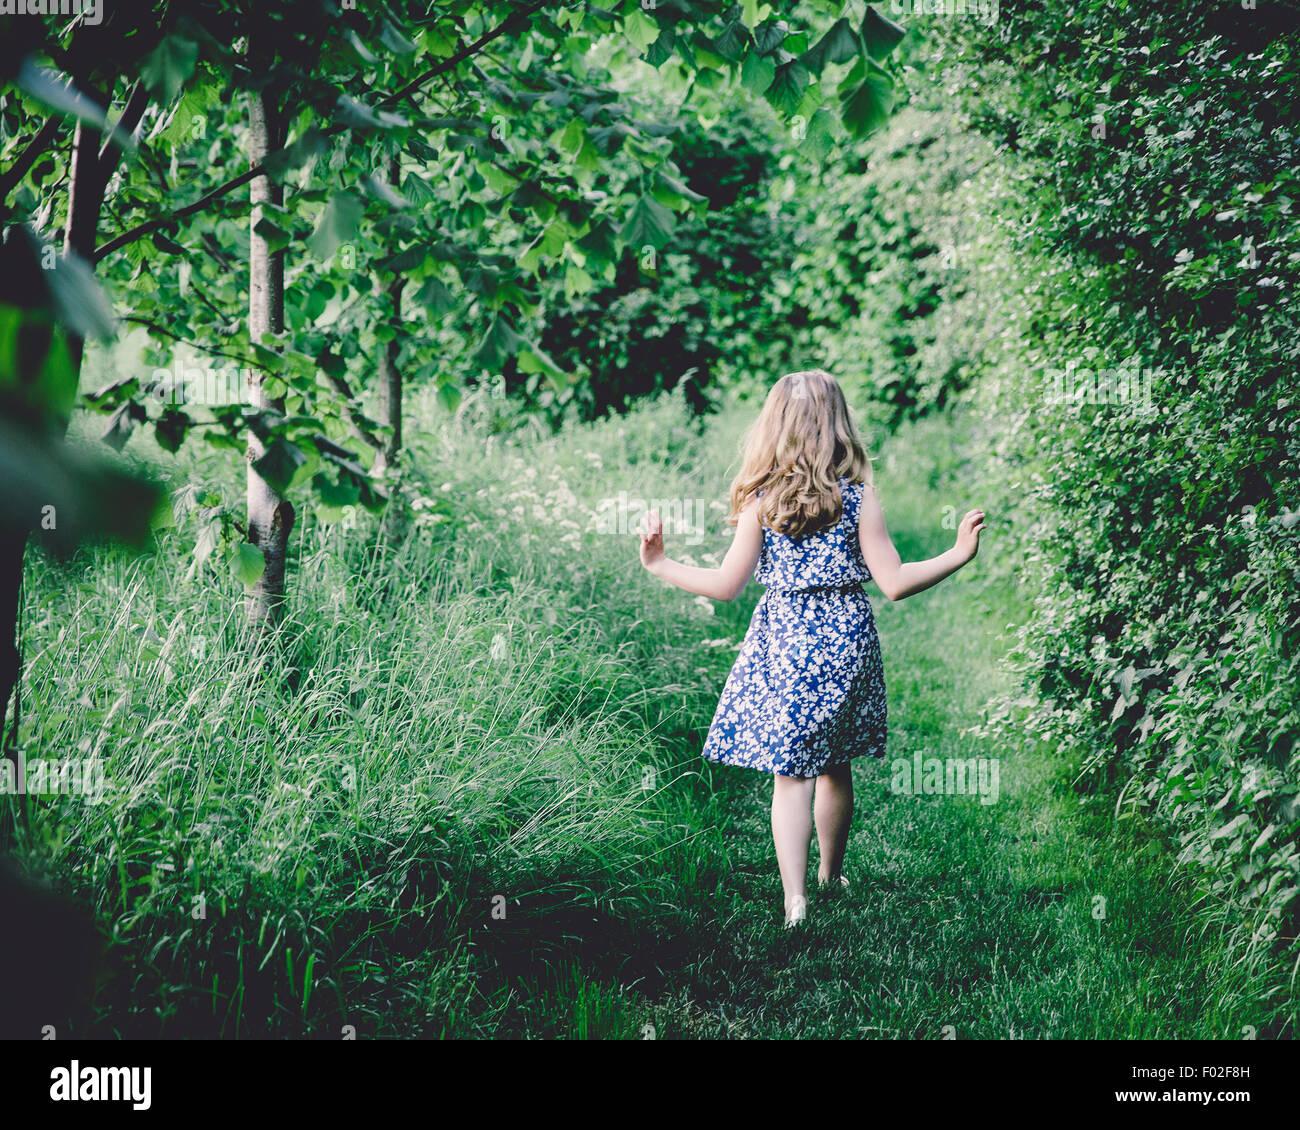 Rückansicht eines Mädchens zu Fuß durch Wald Stockbild